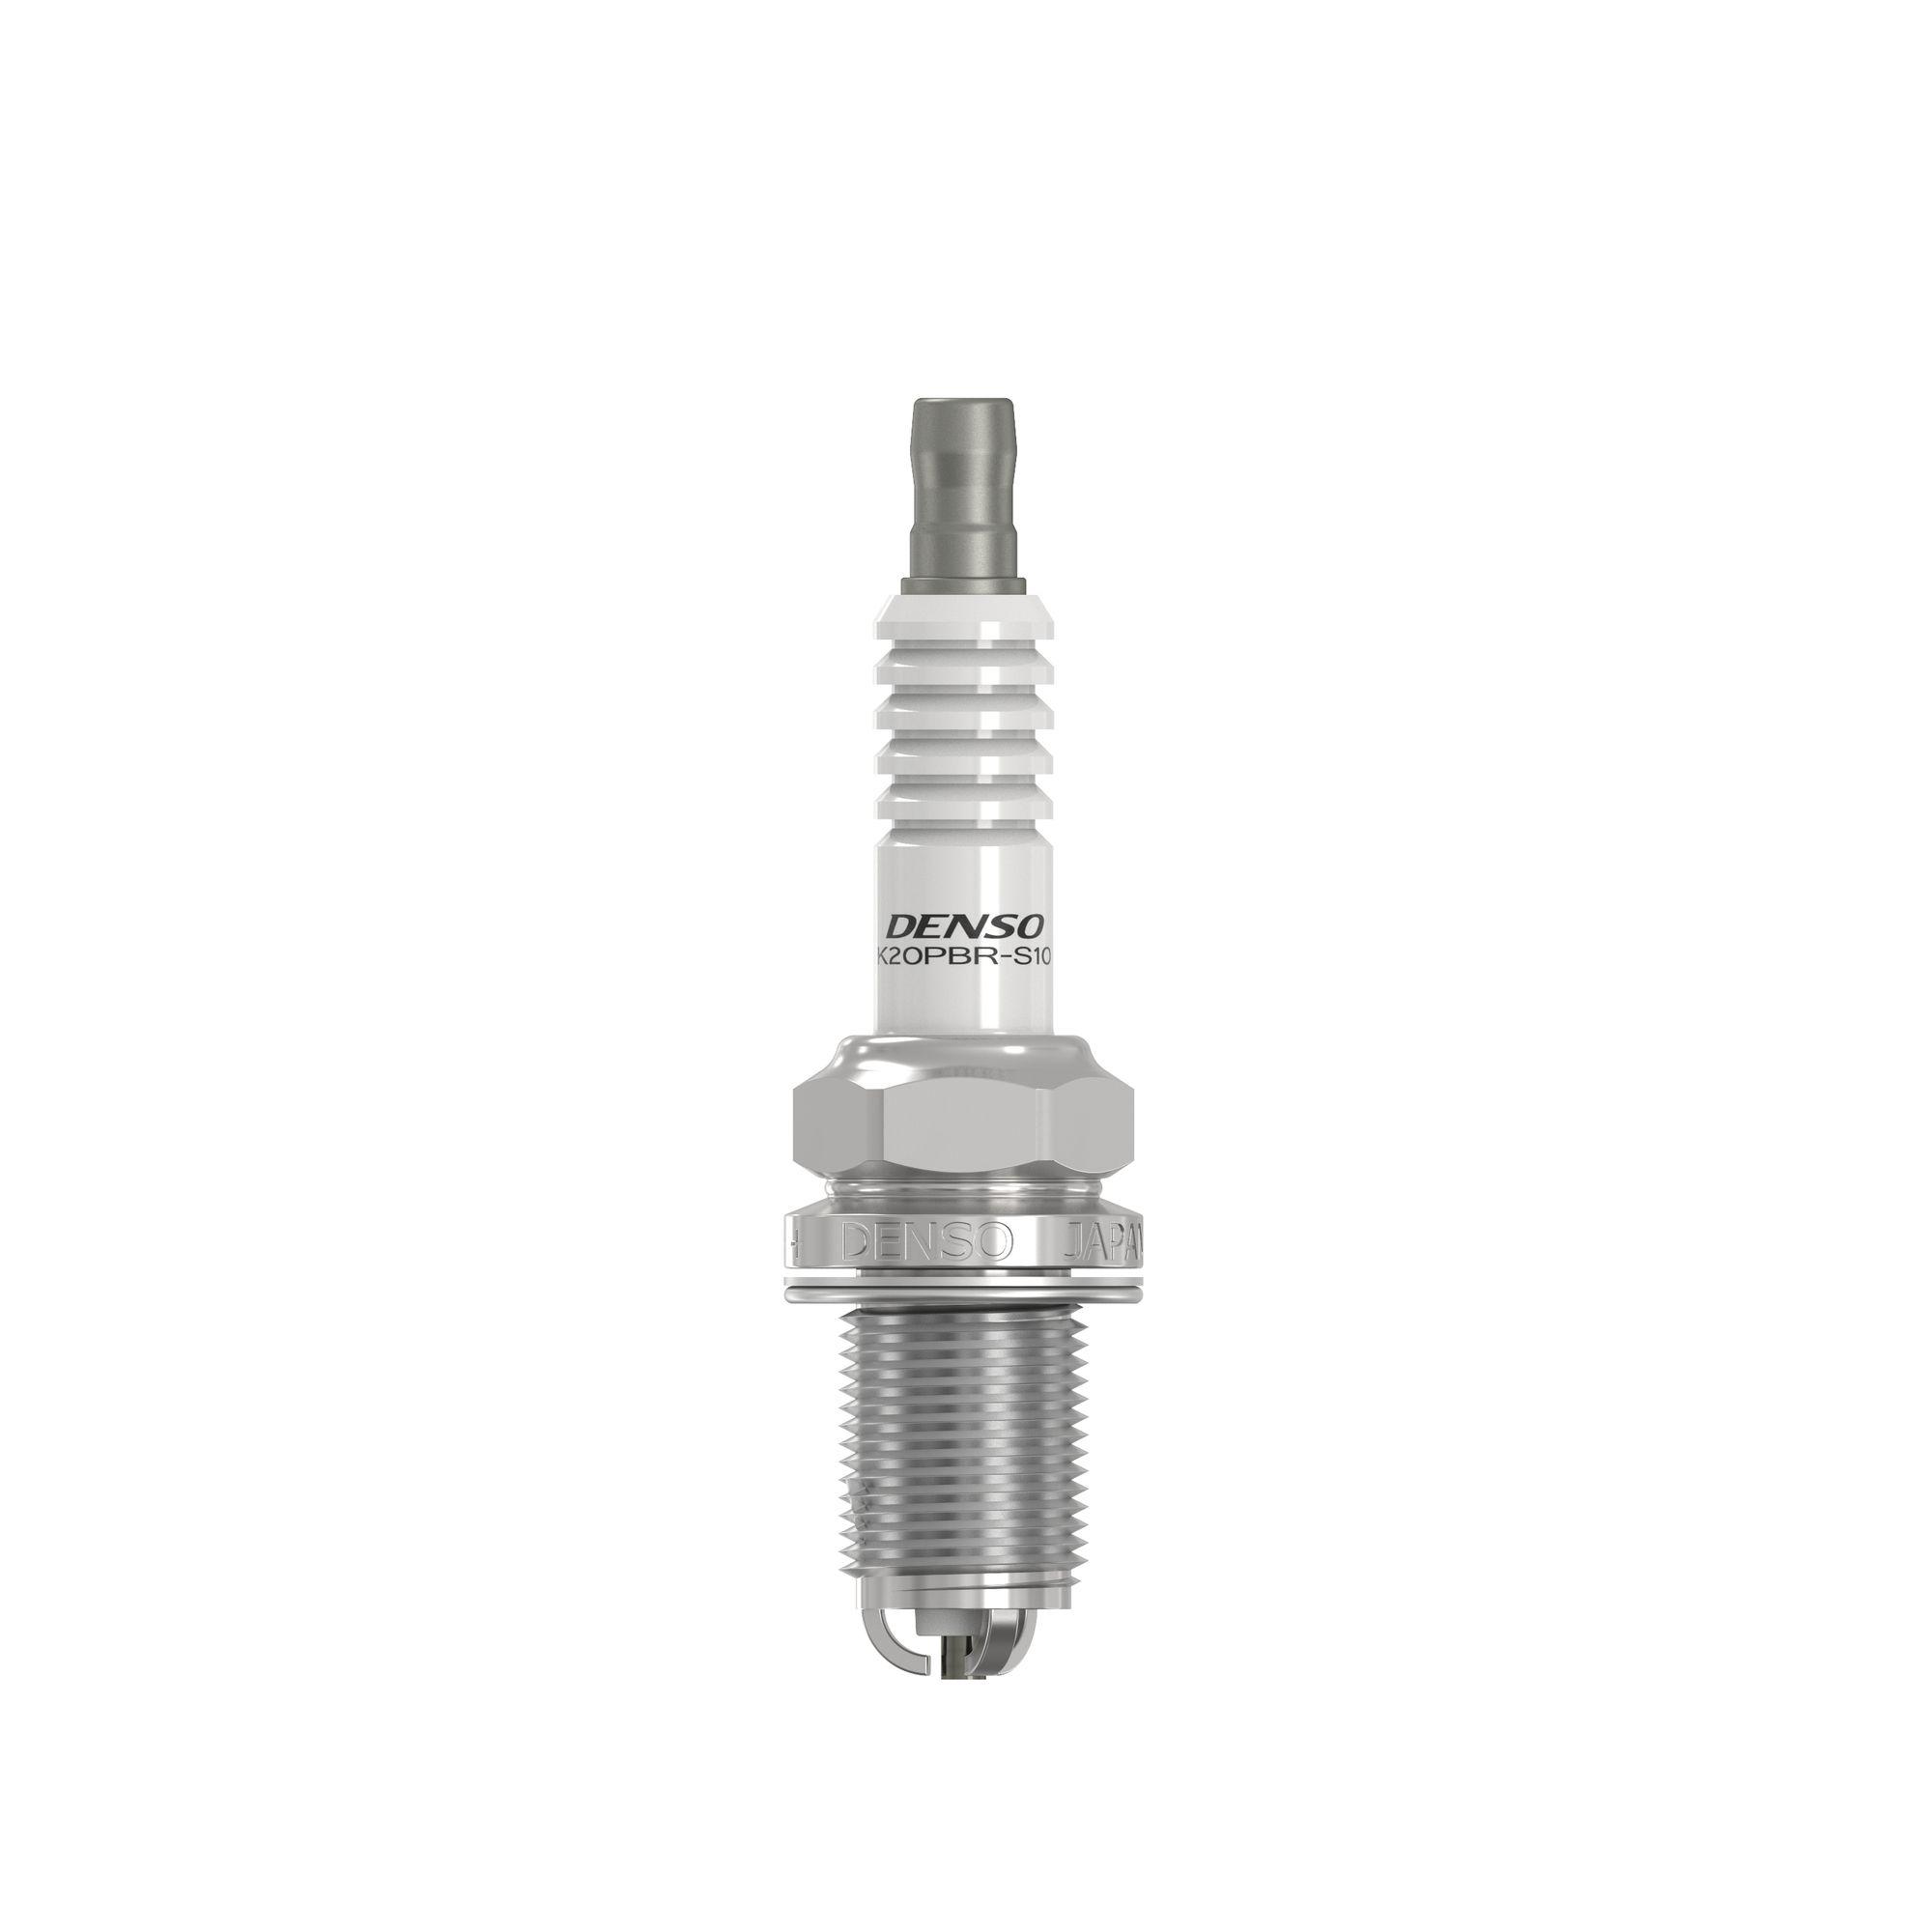 Spark Plug K20PBR-S10 DENSO 5061 original quality